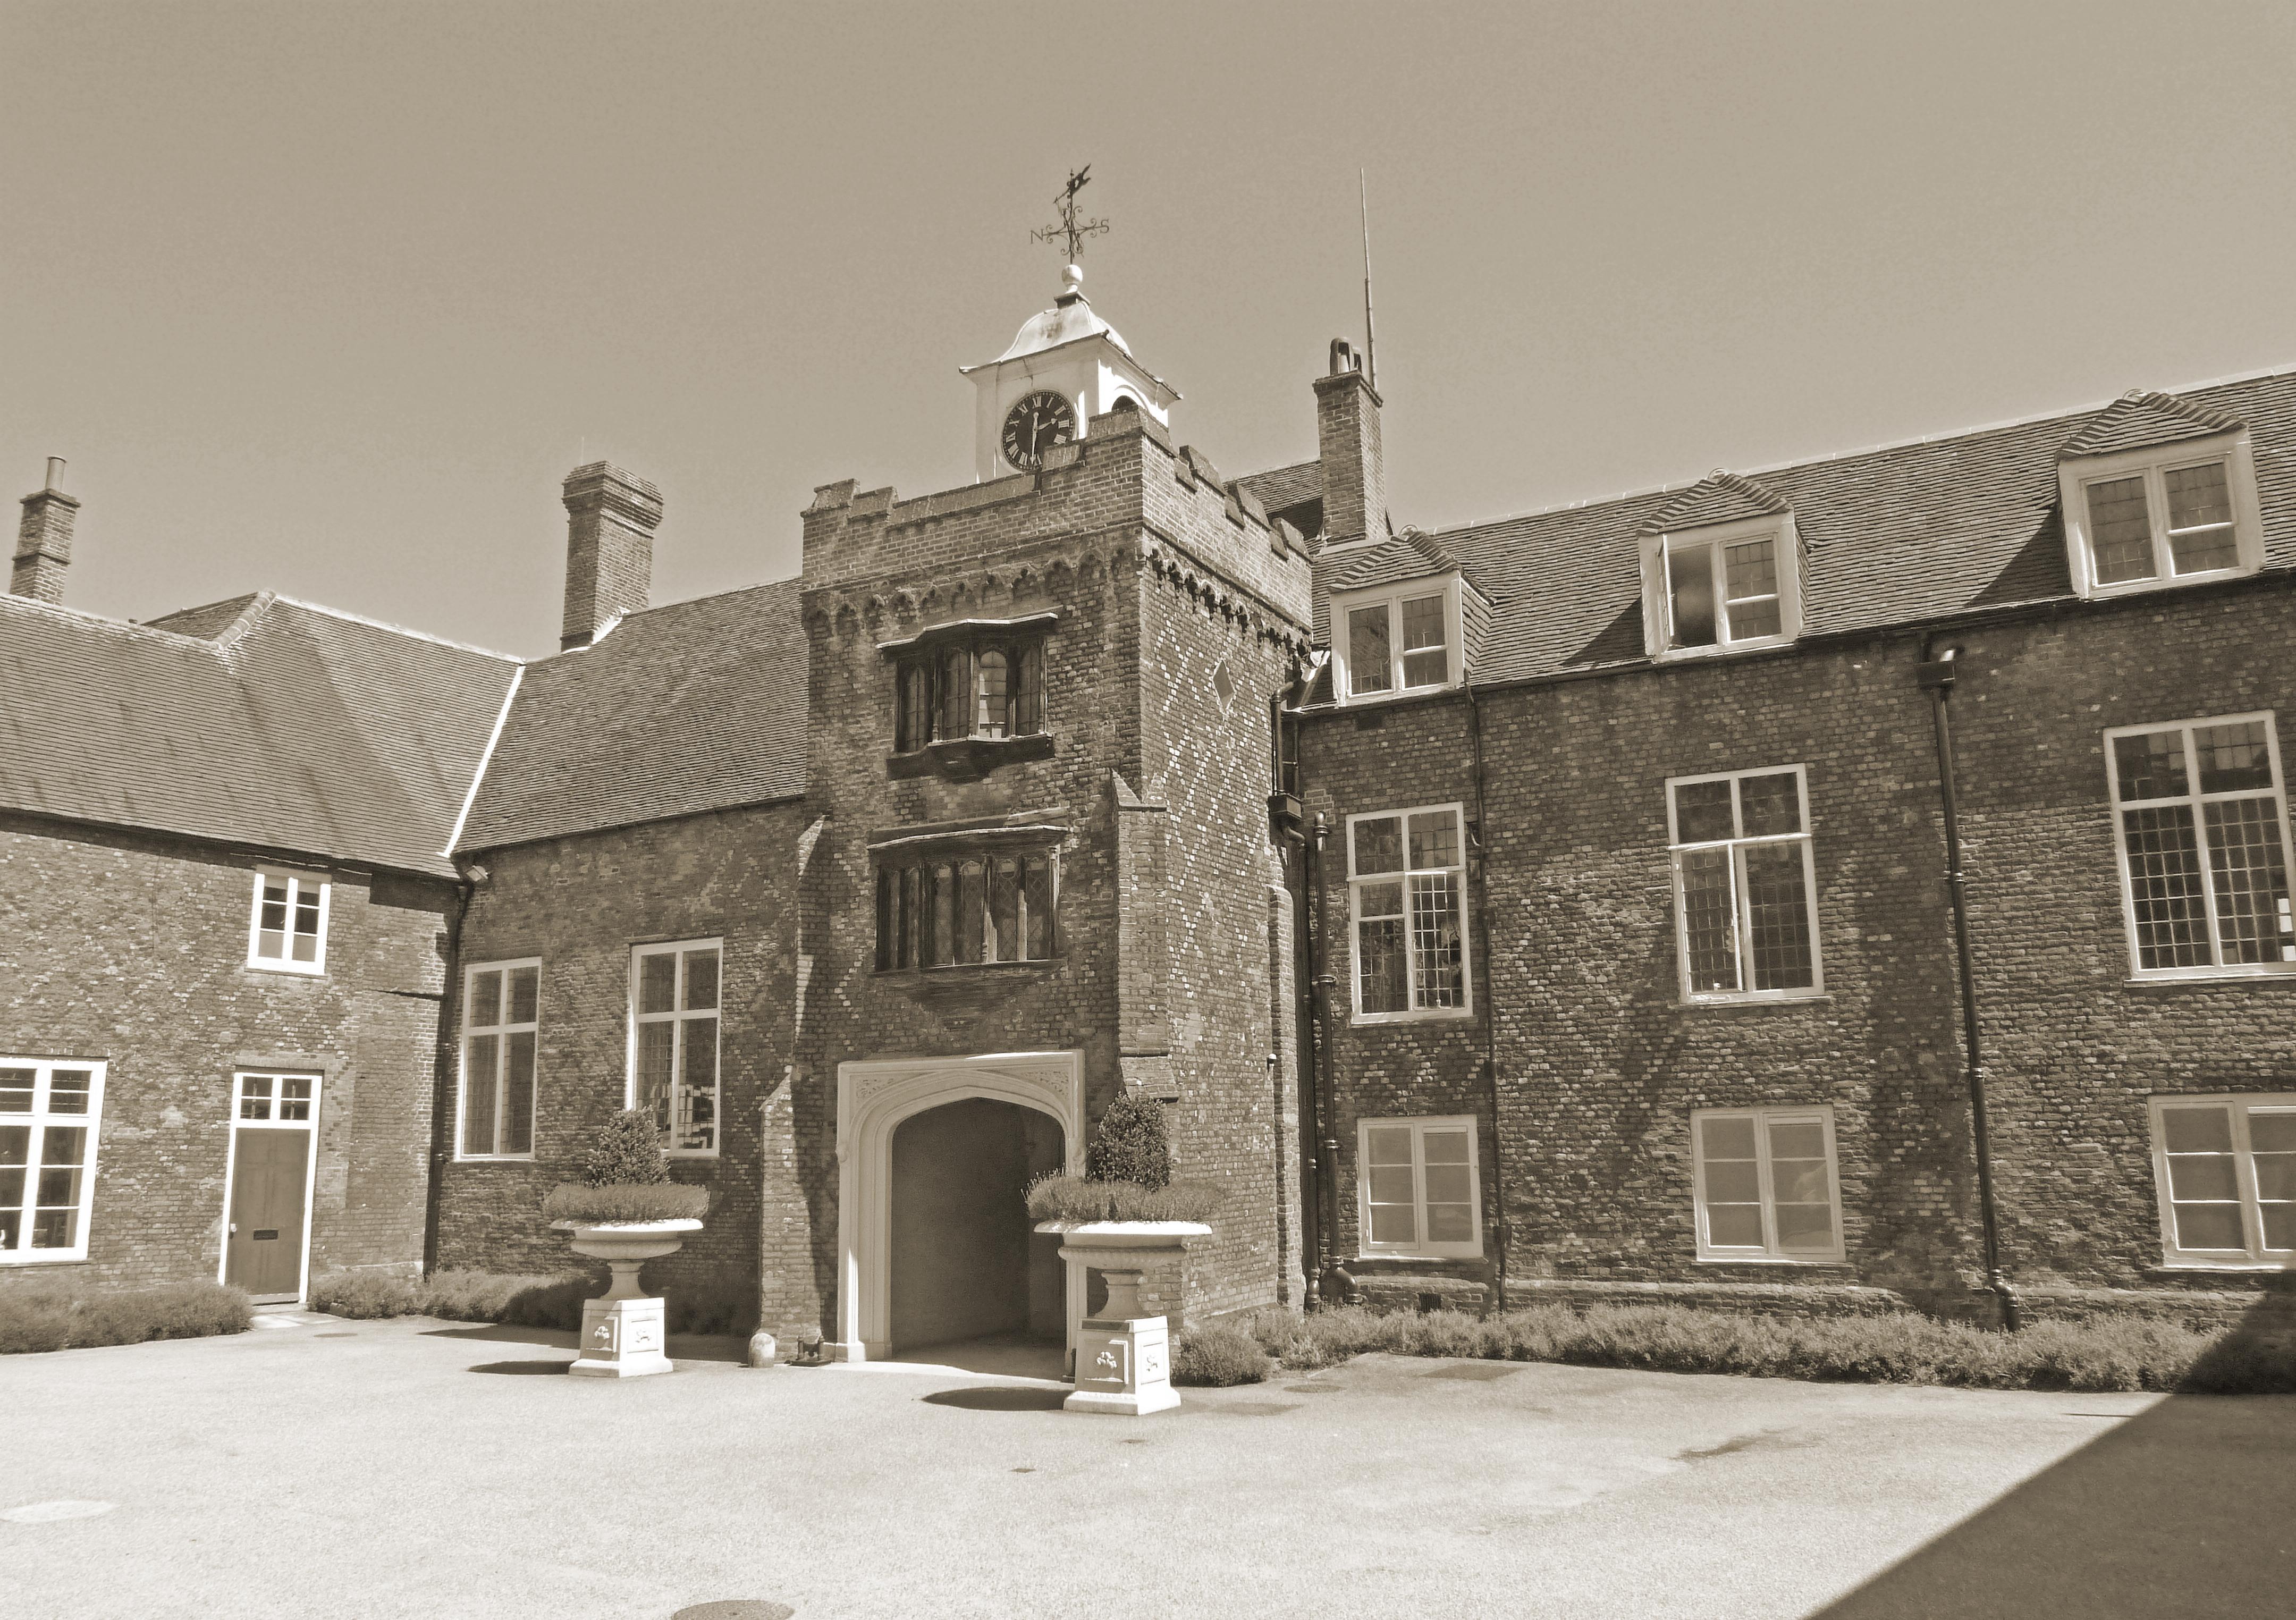 Fulham Palace, haunted house